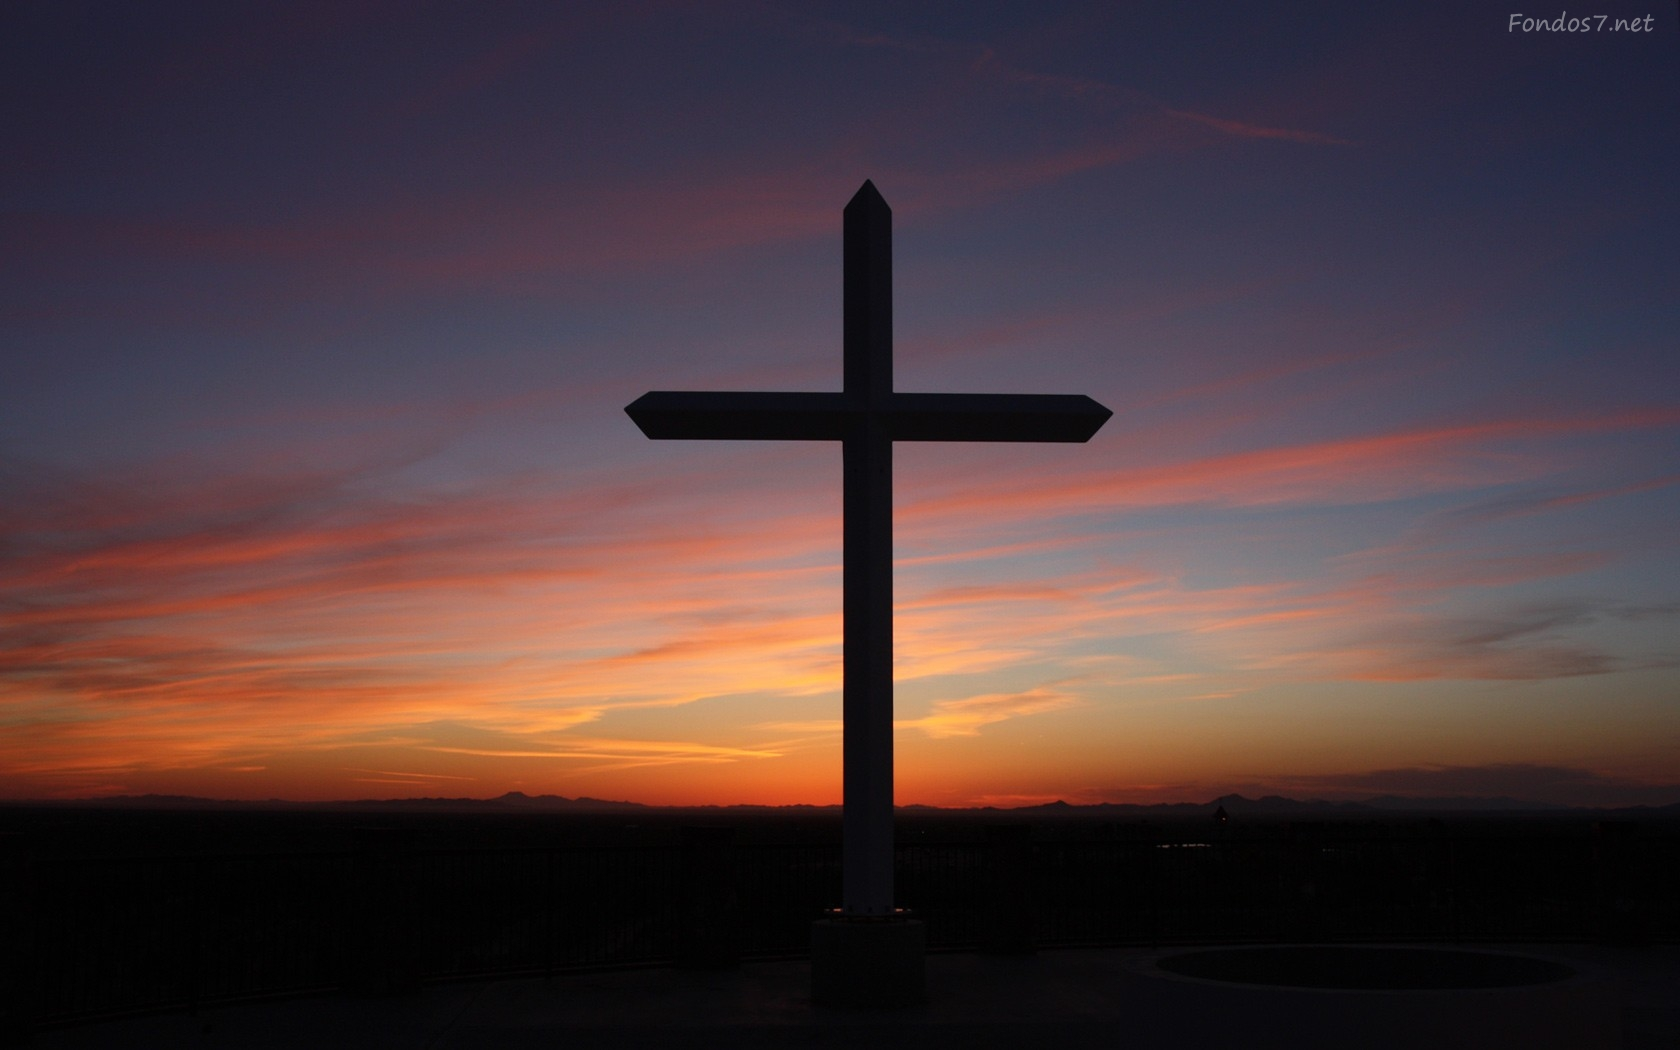 Religião Católica Permite Entender A Sociedade Em Que